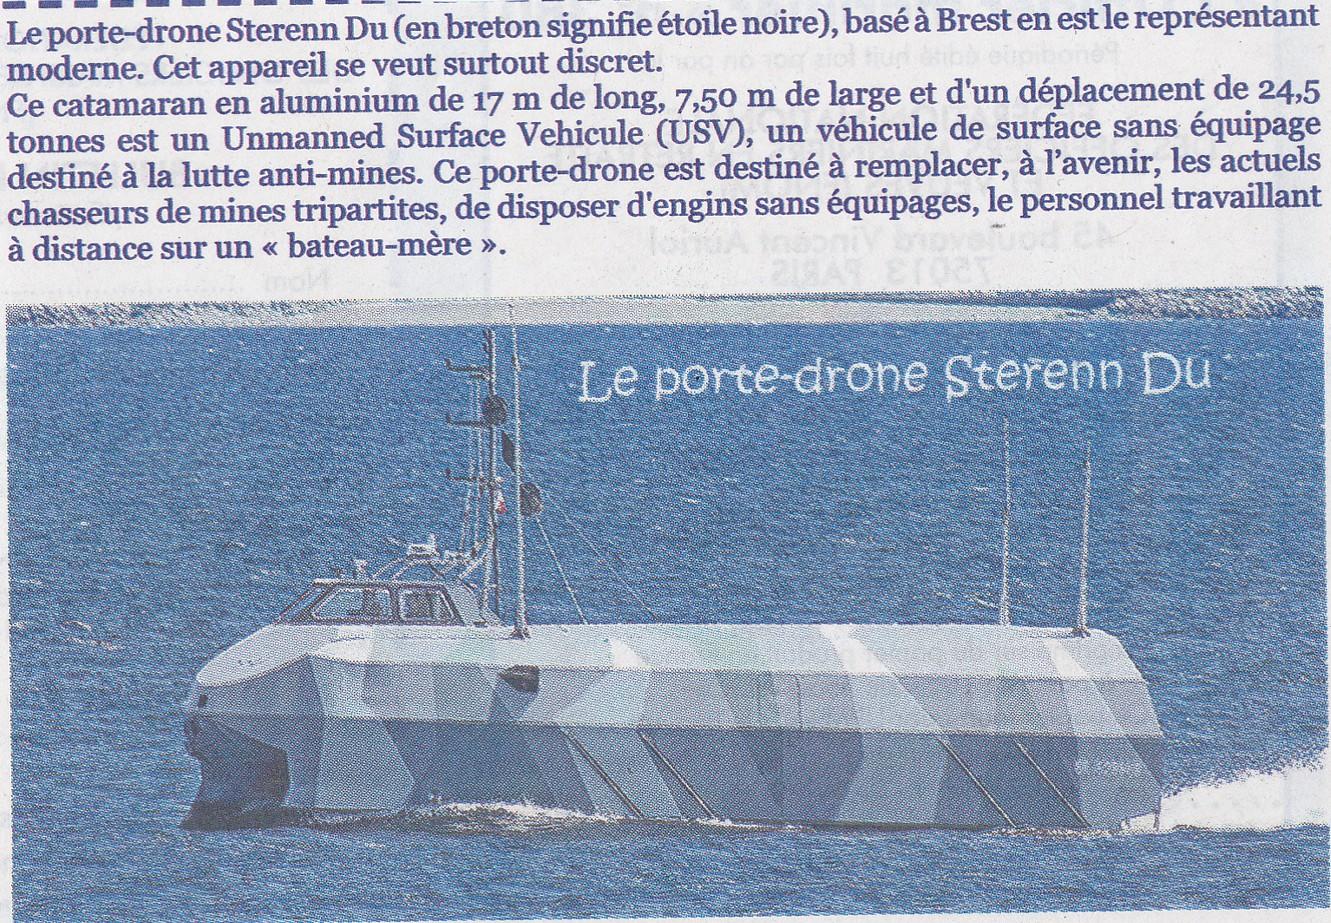 [Les différents armements de la Marine] La guerre des mines - Page 4 442023PorteDrone